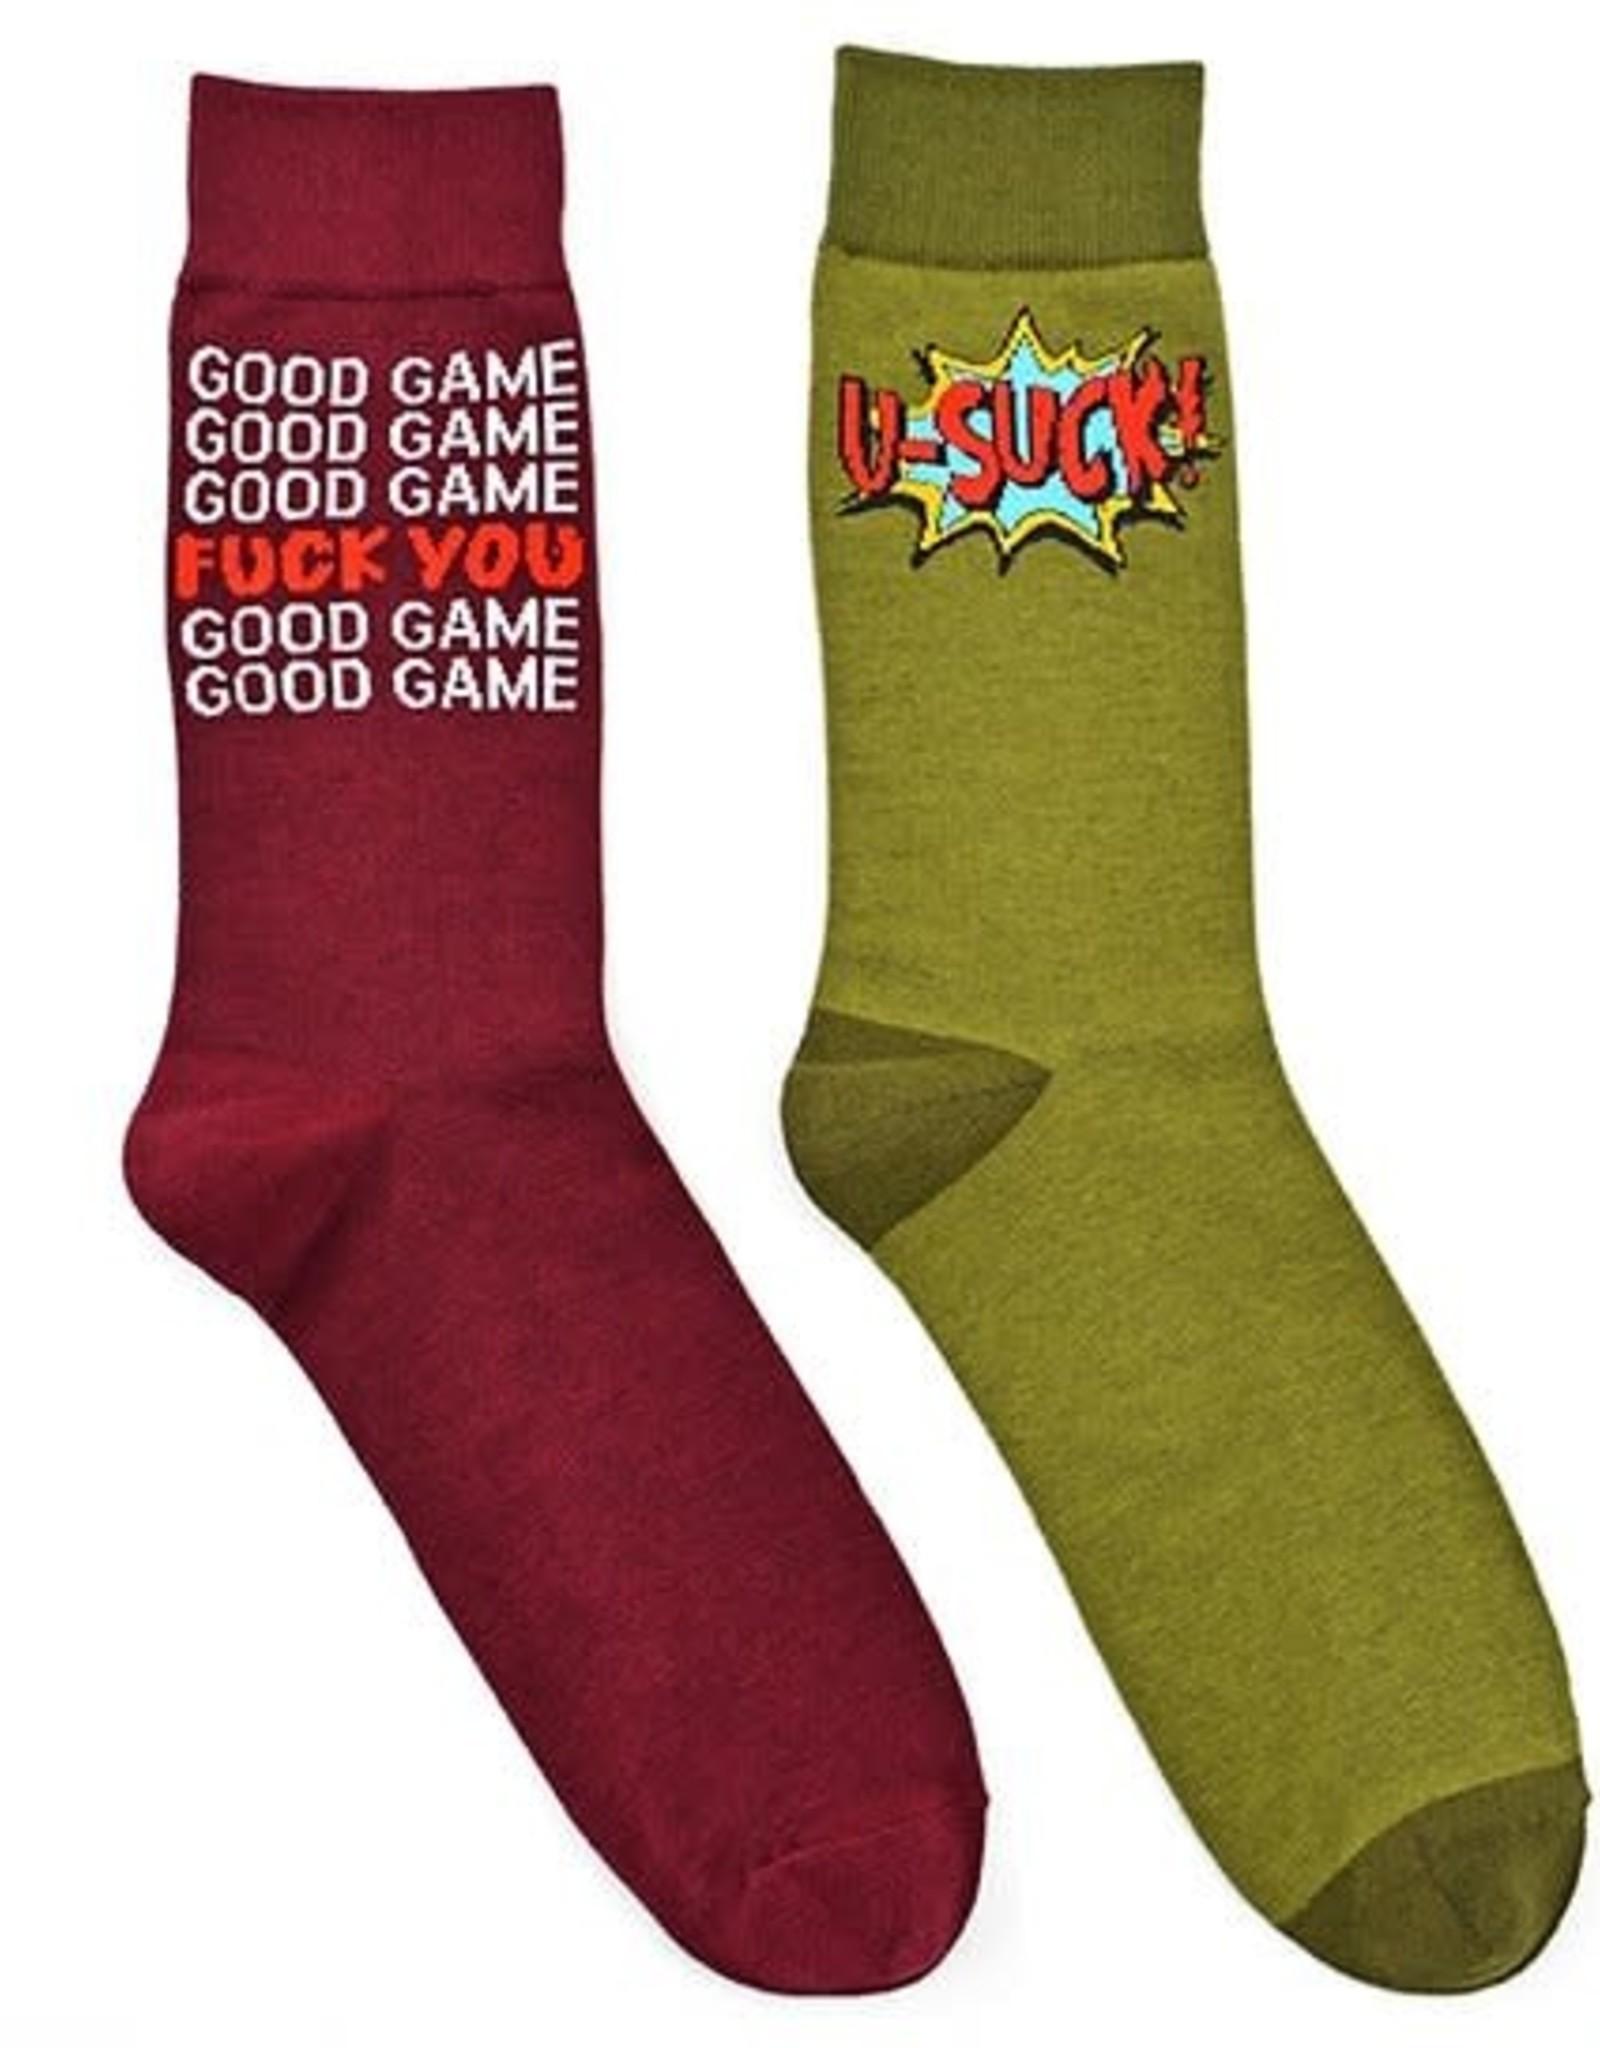 Socks (Mens) (2 Pair) - Good Game Fuck You, U Suck